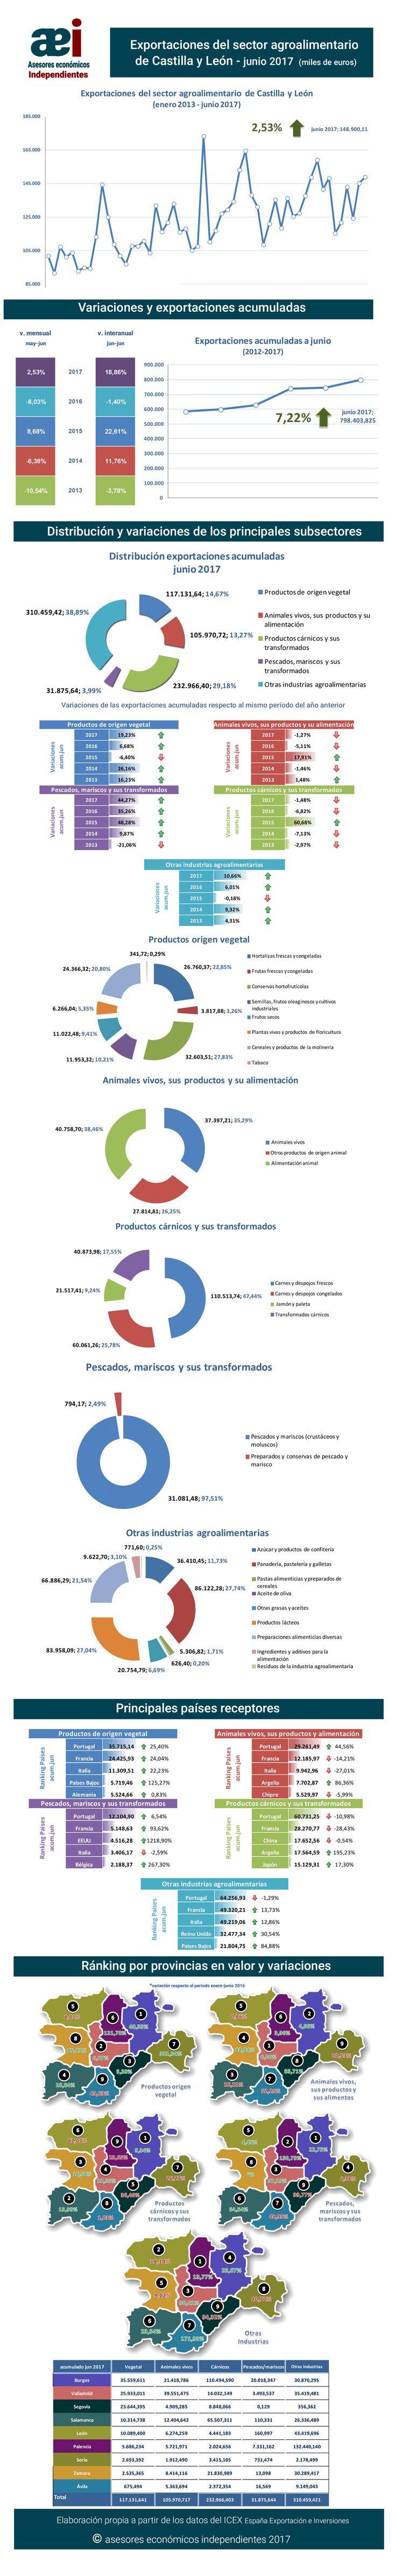 infografía de exportaciones del sector agroalimentario de Castilla y León en el mes de junio 2017 realizada por Javier Méndez Lirón